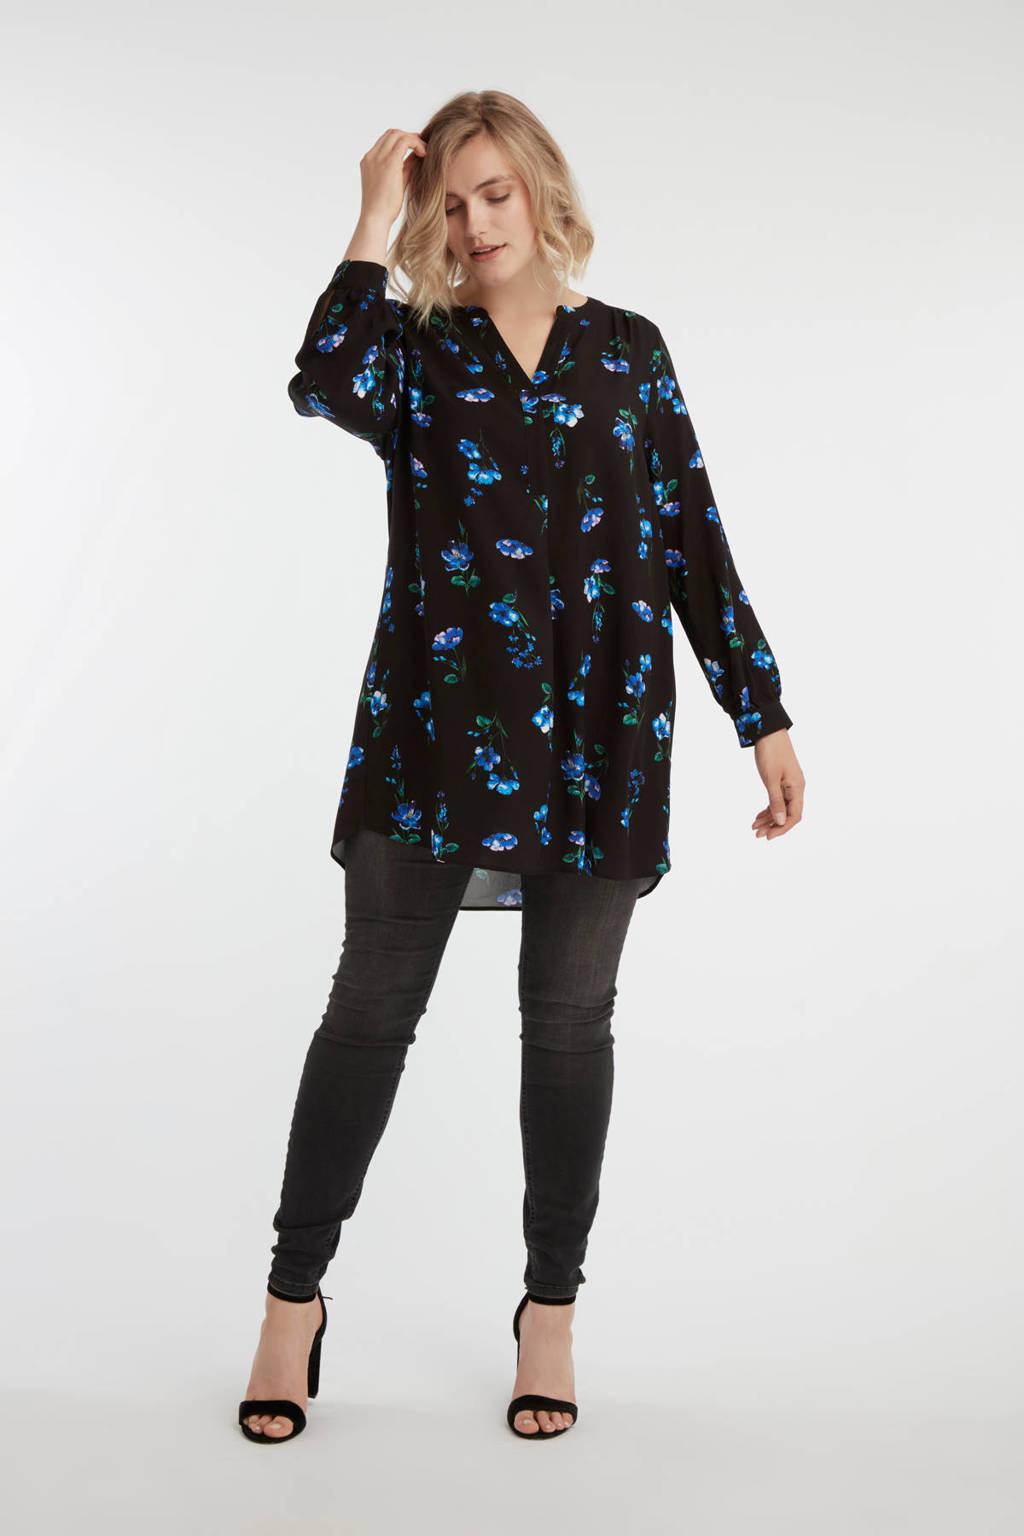 MS Mode tuniek met all over print zwart/blauw, Zwart/blauw